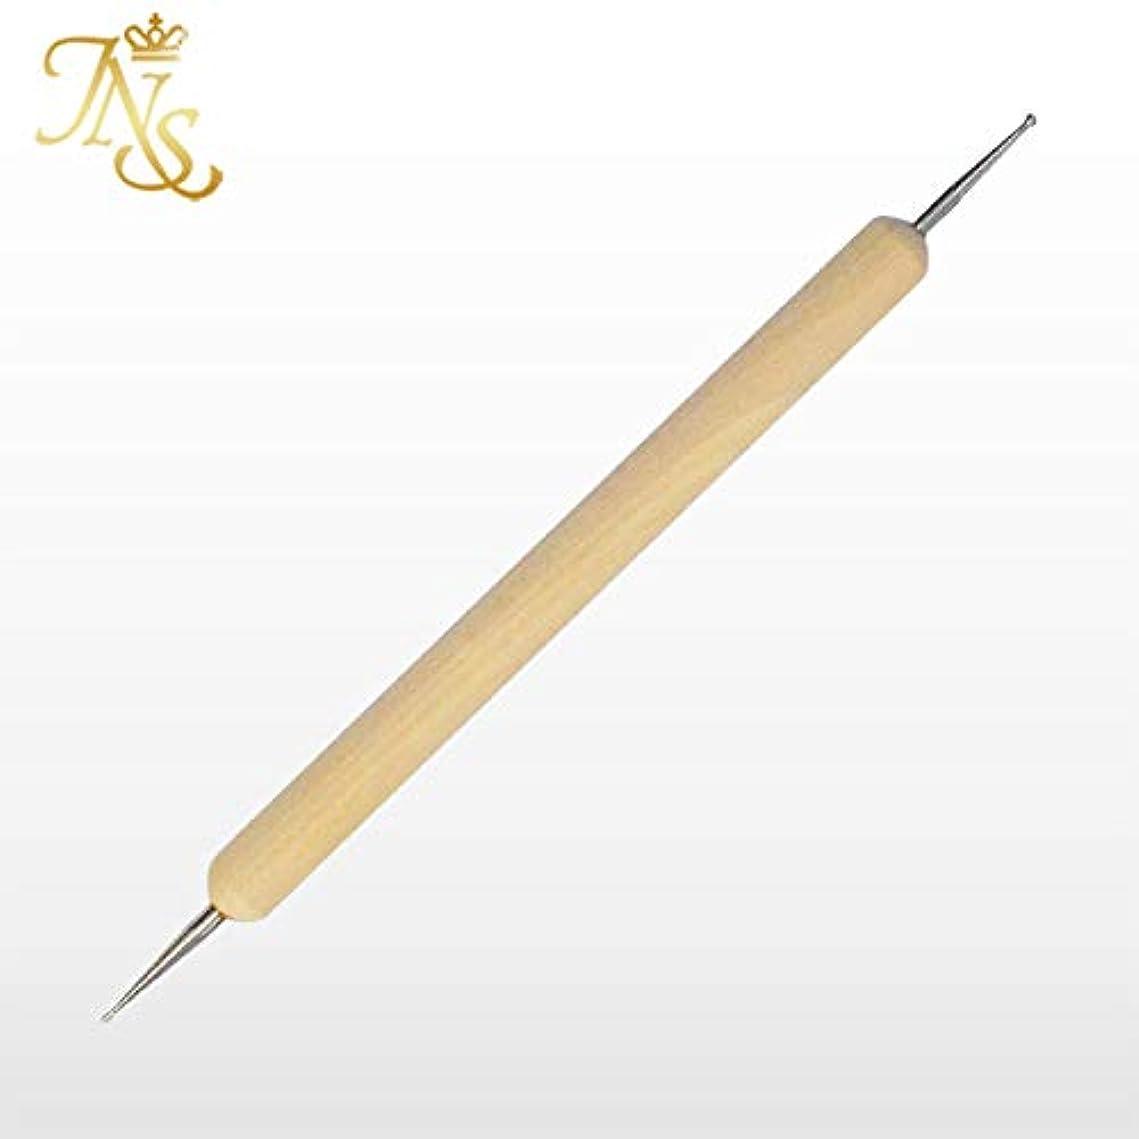 マイルドアルカトラズ島頻繁にネイルアートの必需品!スタイラス ドット棒